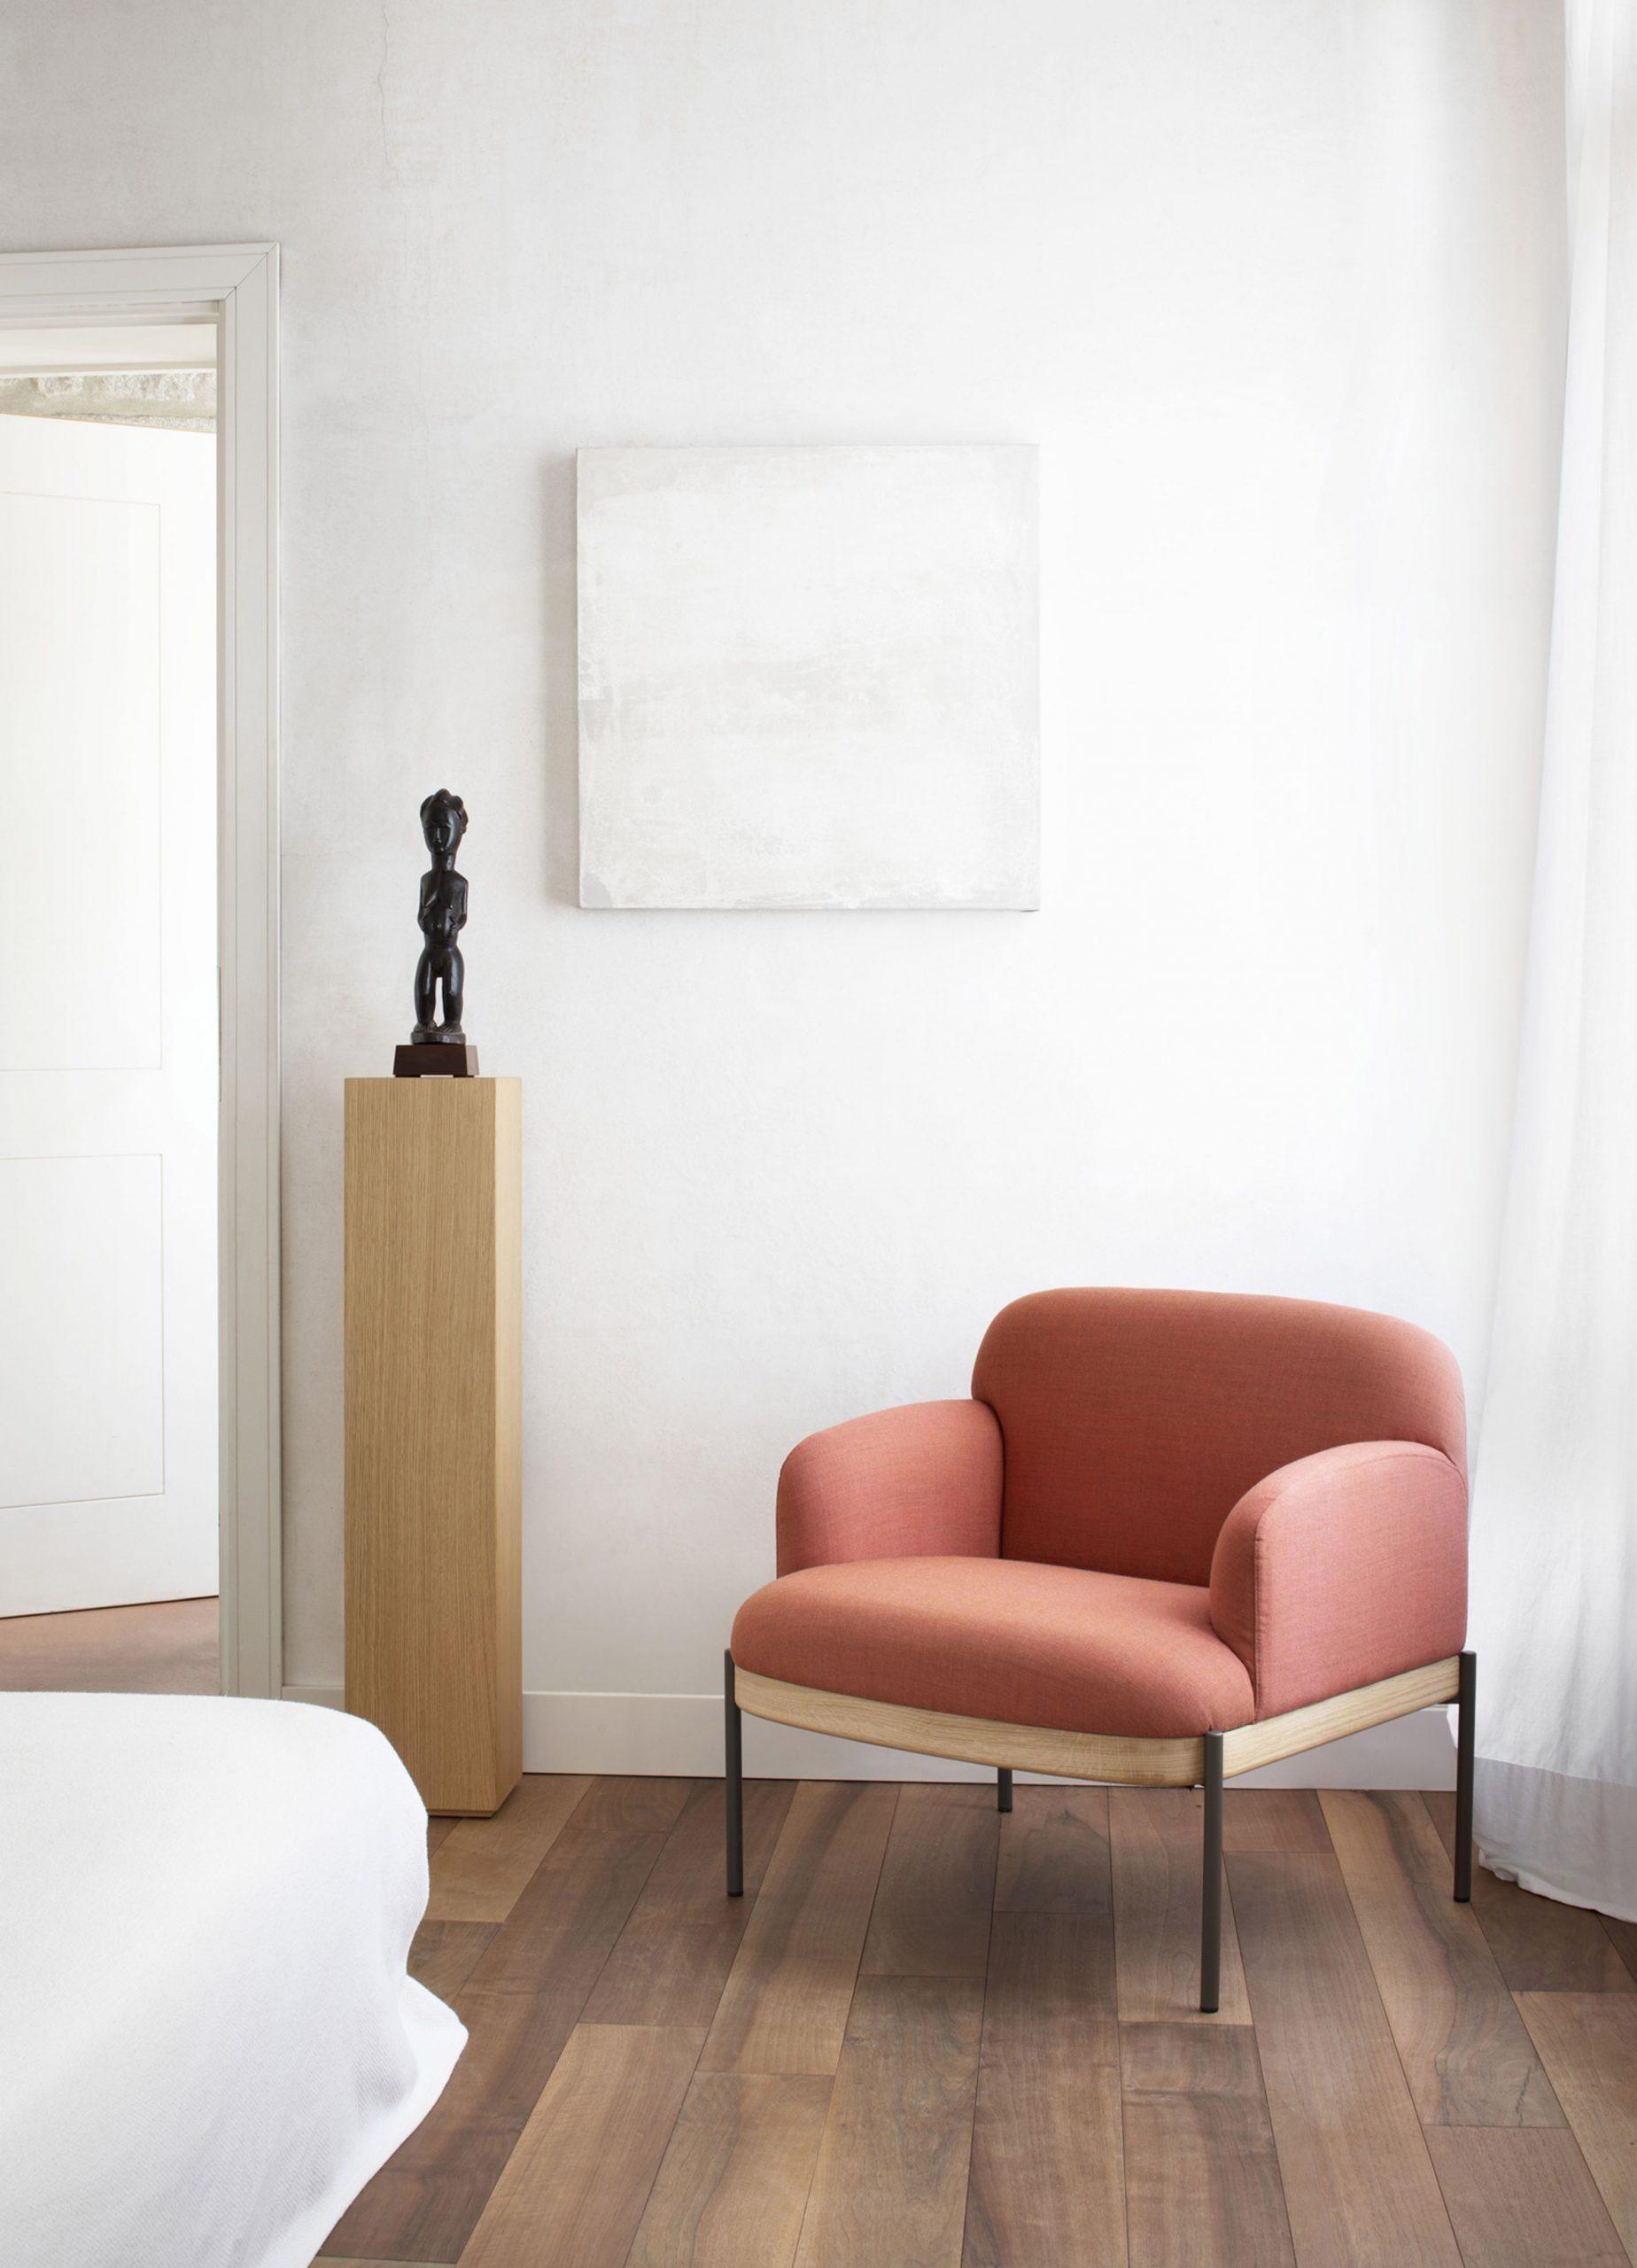 Abisko collection by Claesson Koivisto Rune for True Design